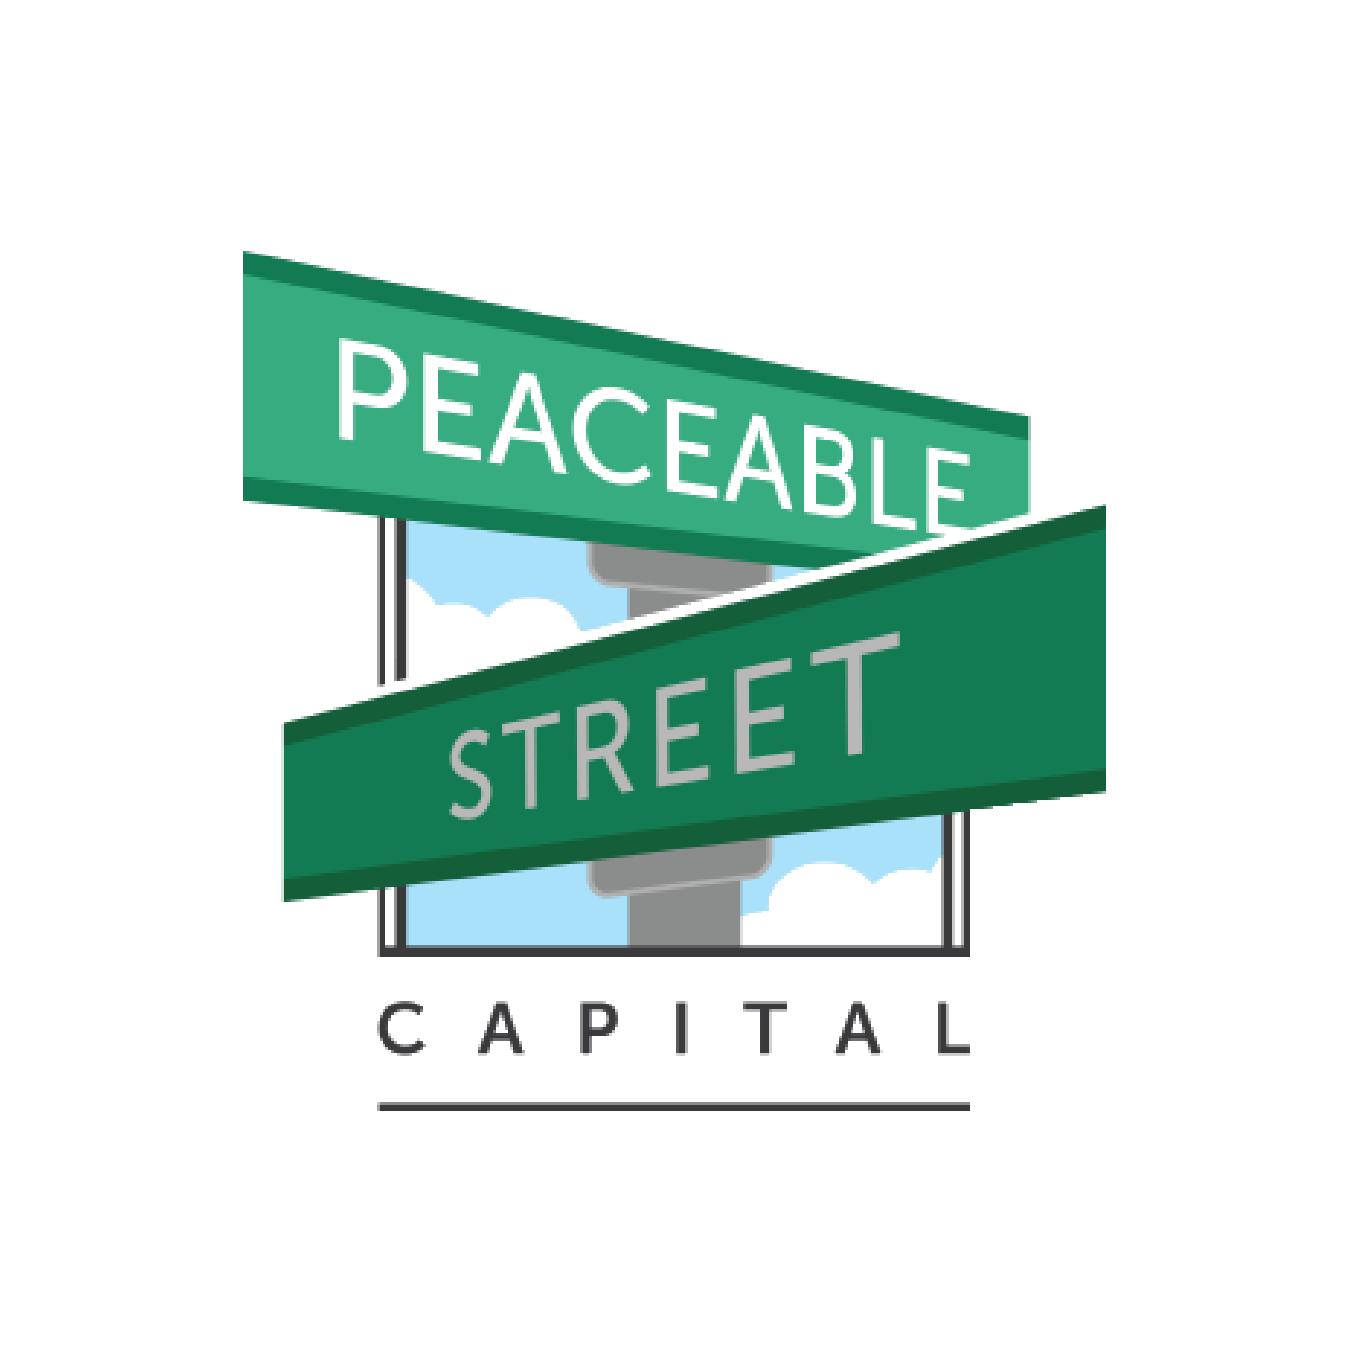 PEACEABLE STREET CAPITAL